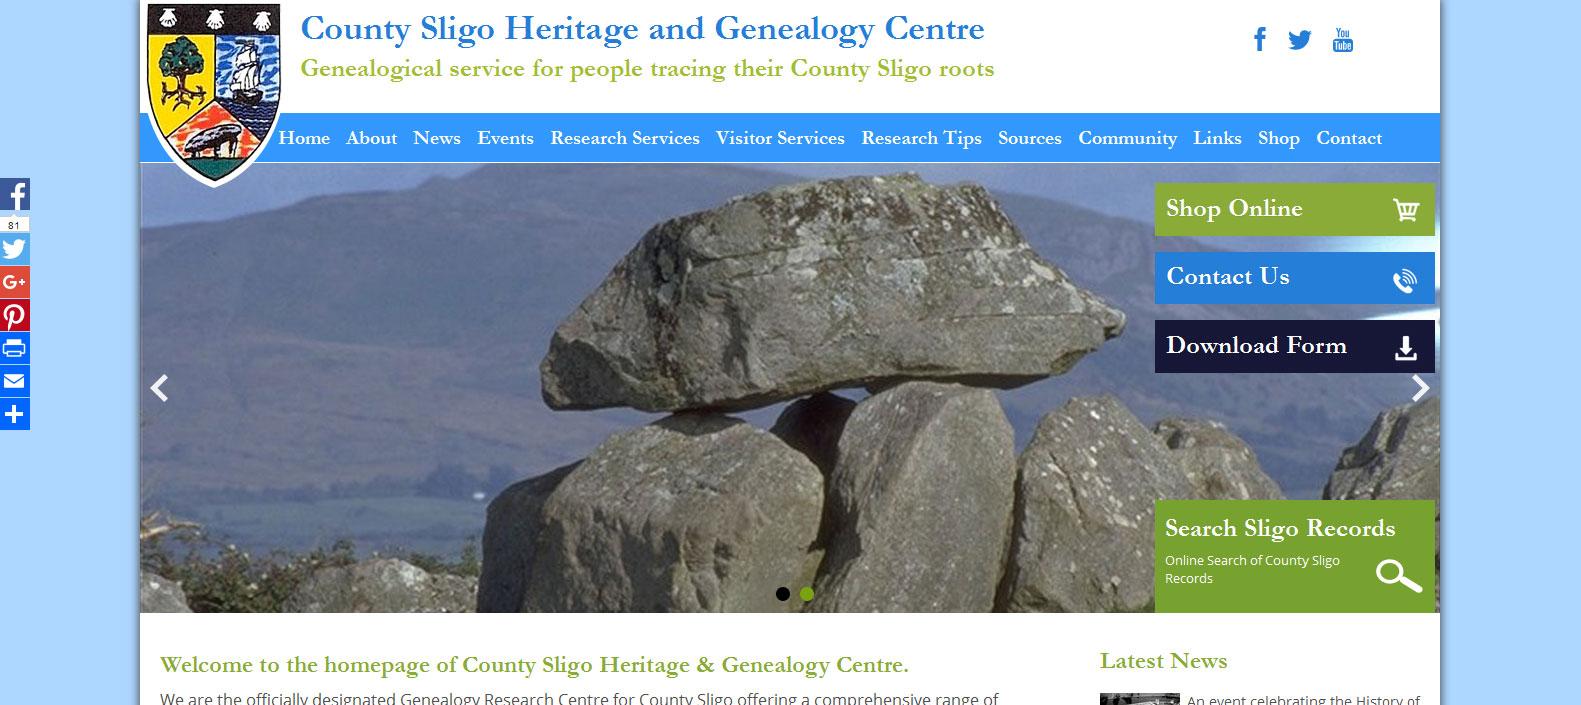 Sligo Heritage and Genealogy Centre